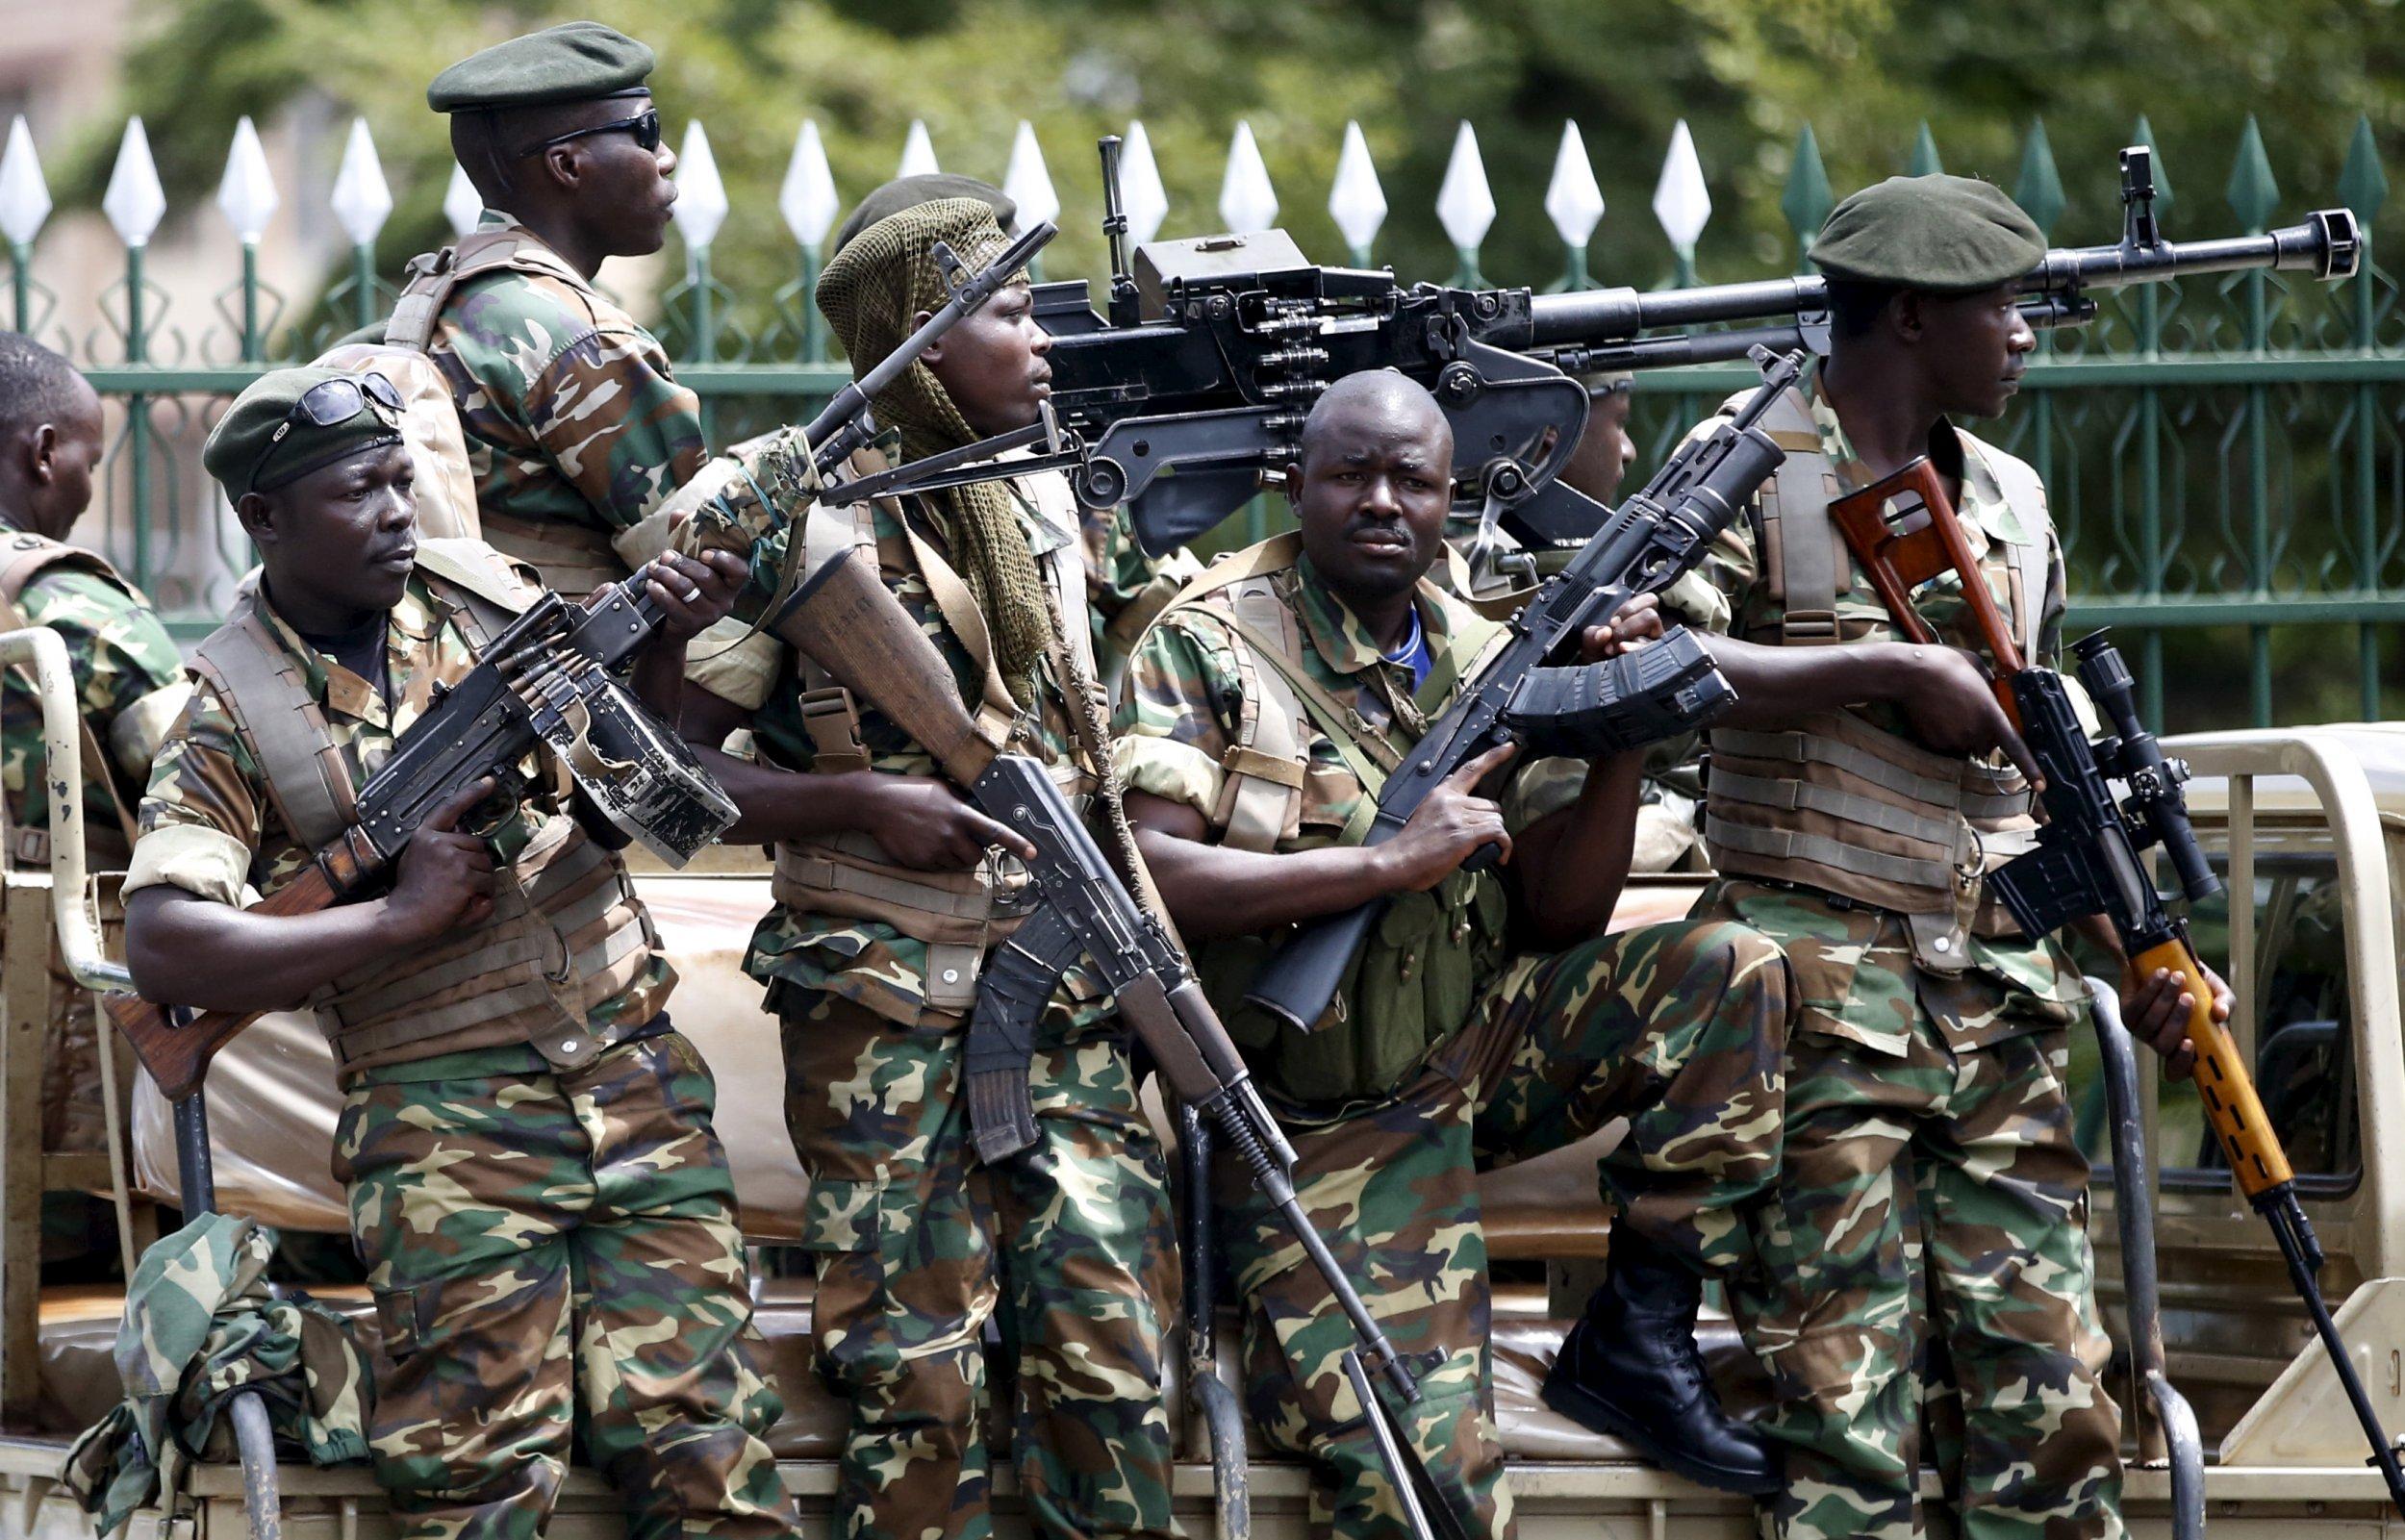 Dawlada  Burundi Oo Sheegtay Inay Ciidamadeeda Kala Kaxado Soomaaliya.